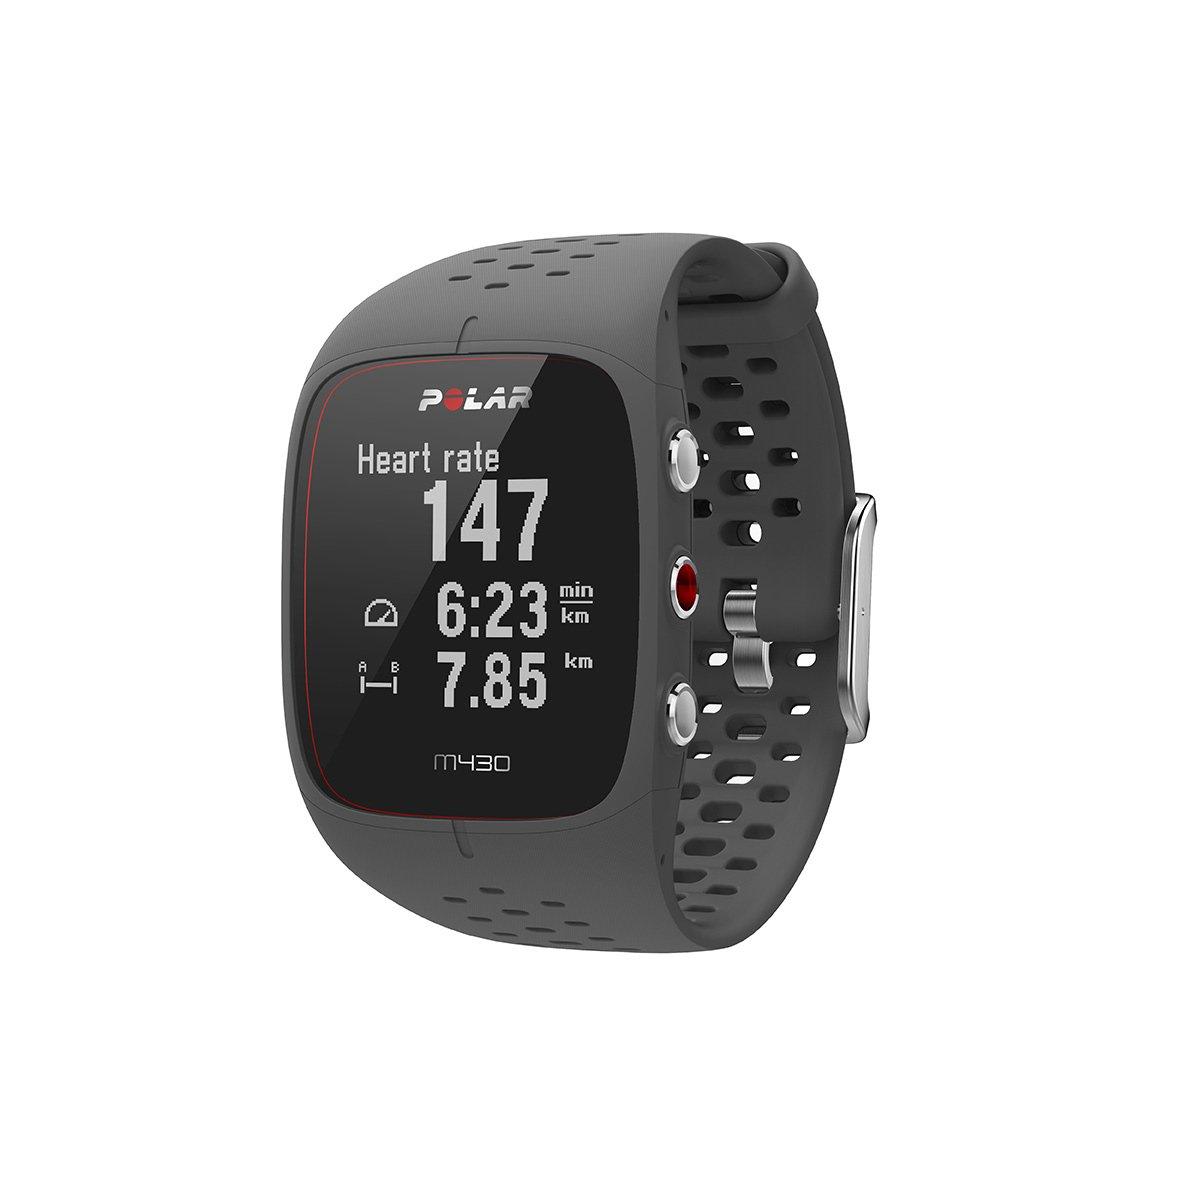 Monitor Cardíaco para ciclistas Polar M430 com gps